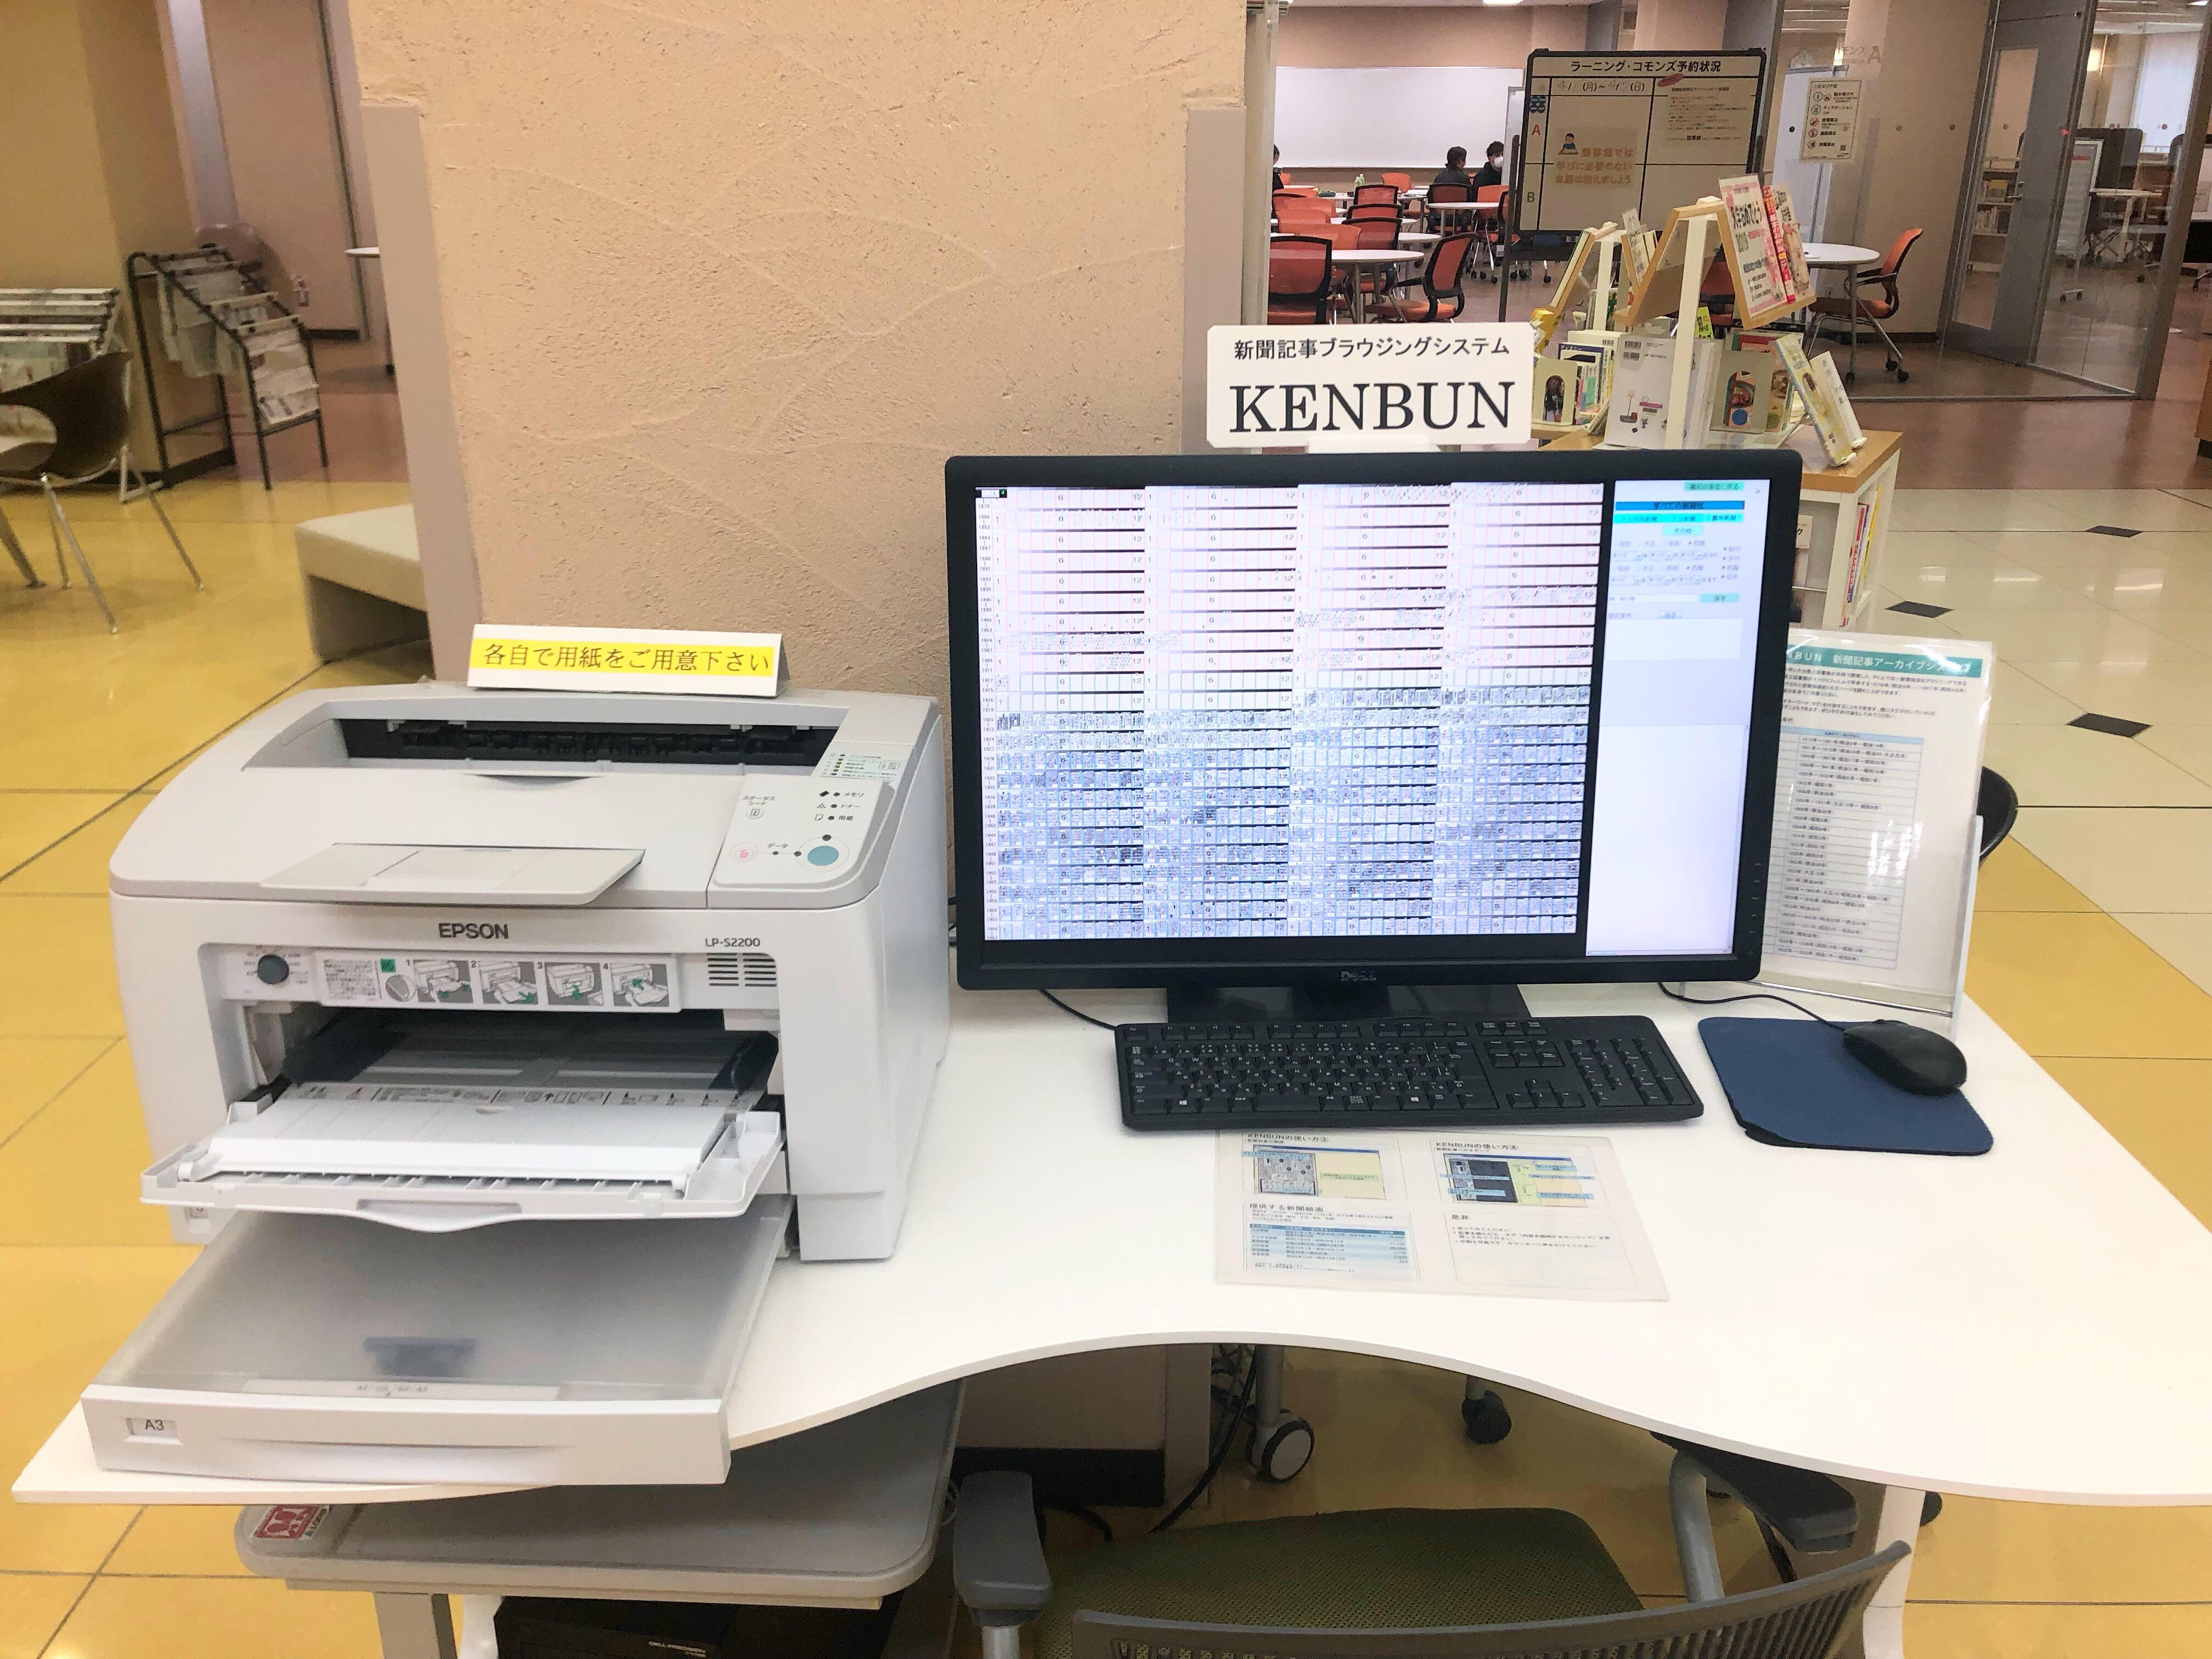 ブラウジングエリアに新聞記事アーカイブシステムKENBUNを導入しました